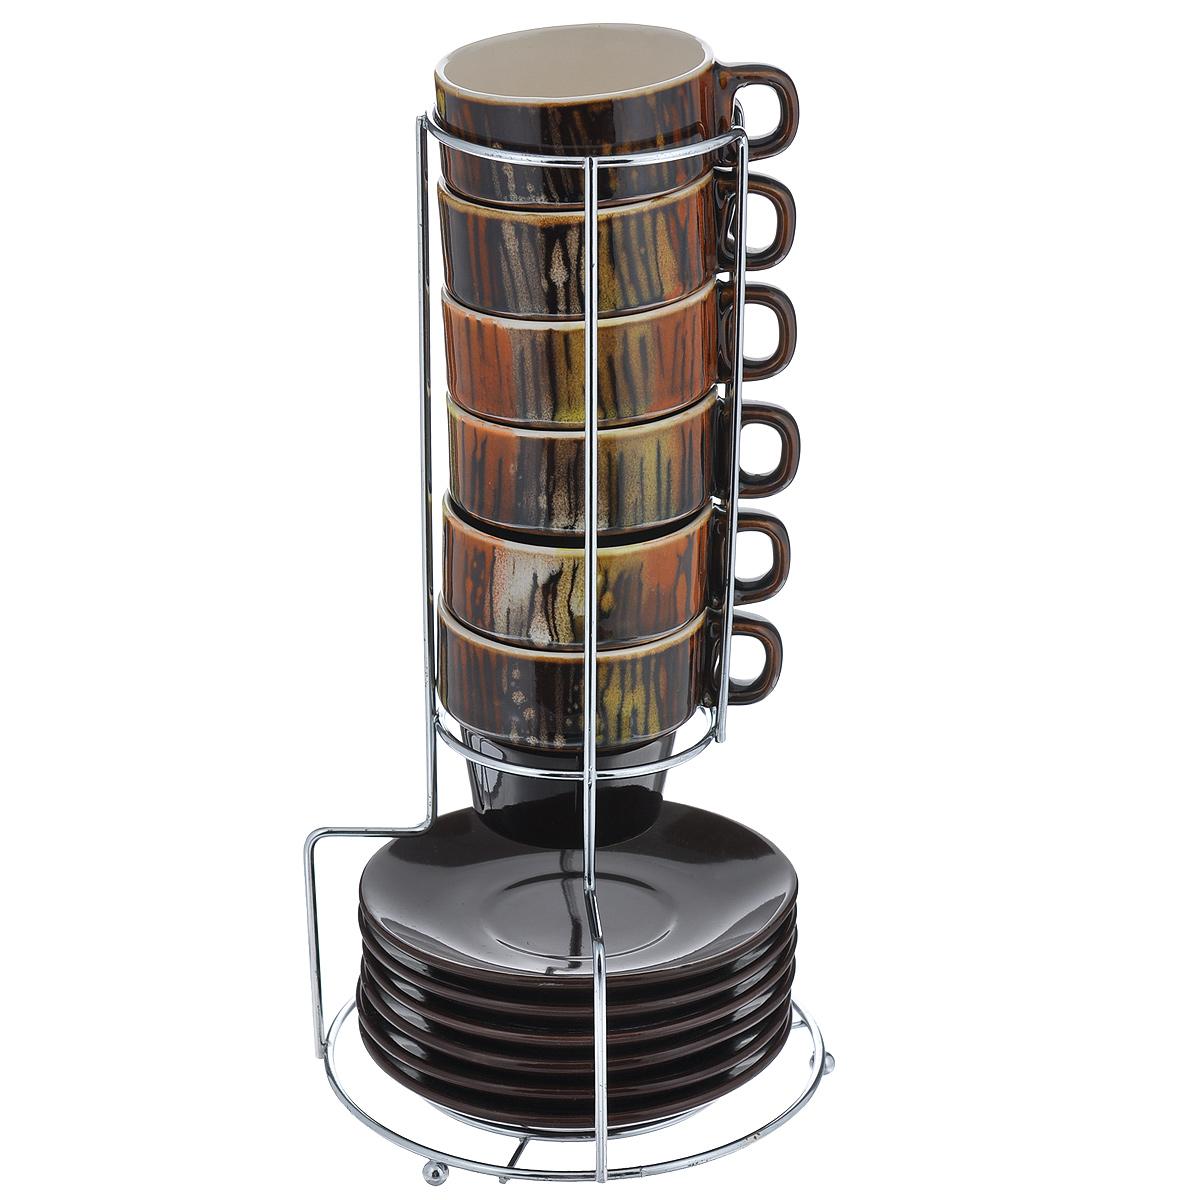 Набор кофейный Bekker Koch, цвет: коричневый, 13 предметов. 6807 набор сит bekker koch 3 шт bk 9212